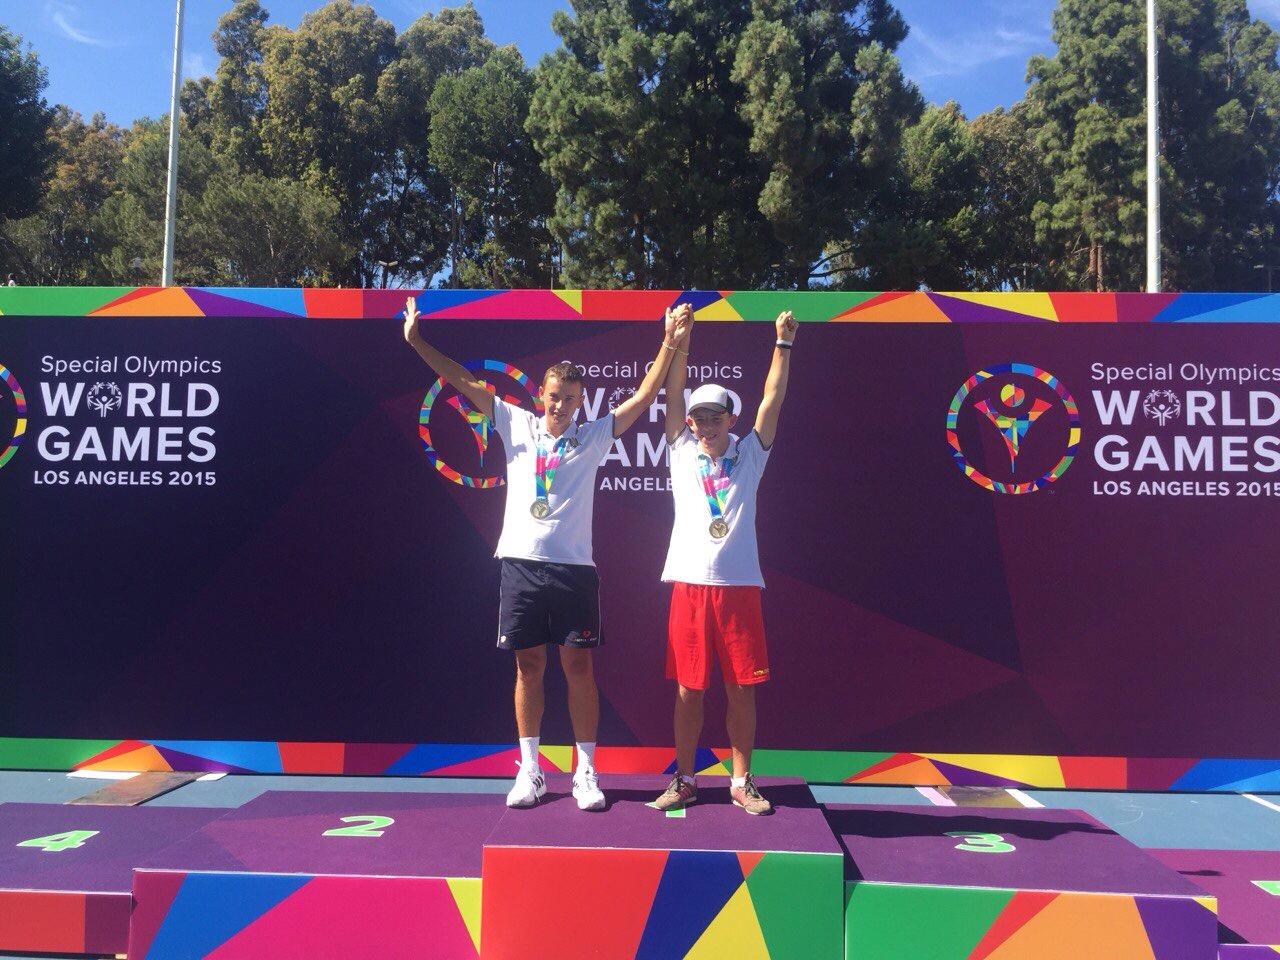 Două medalii de aur la tenis pentru RM la Jocurile Mondiale Special Olympics